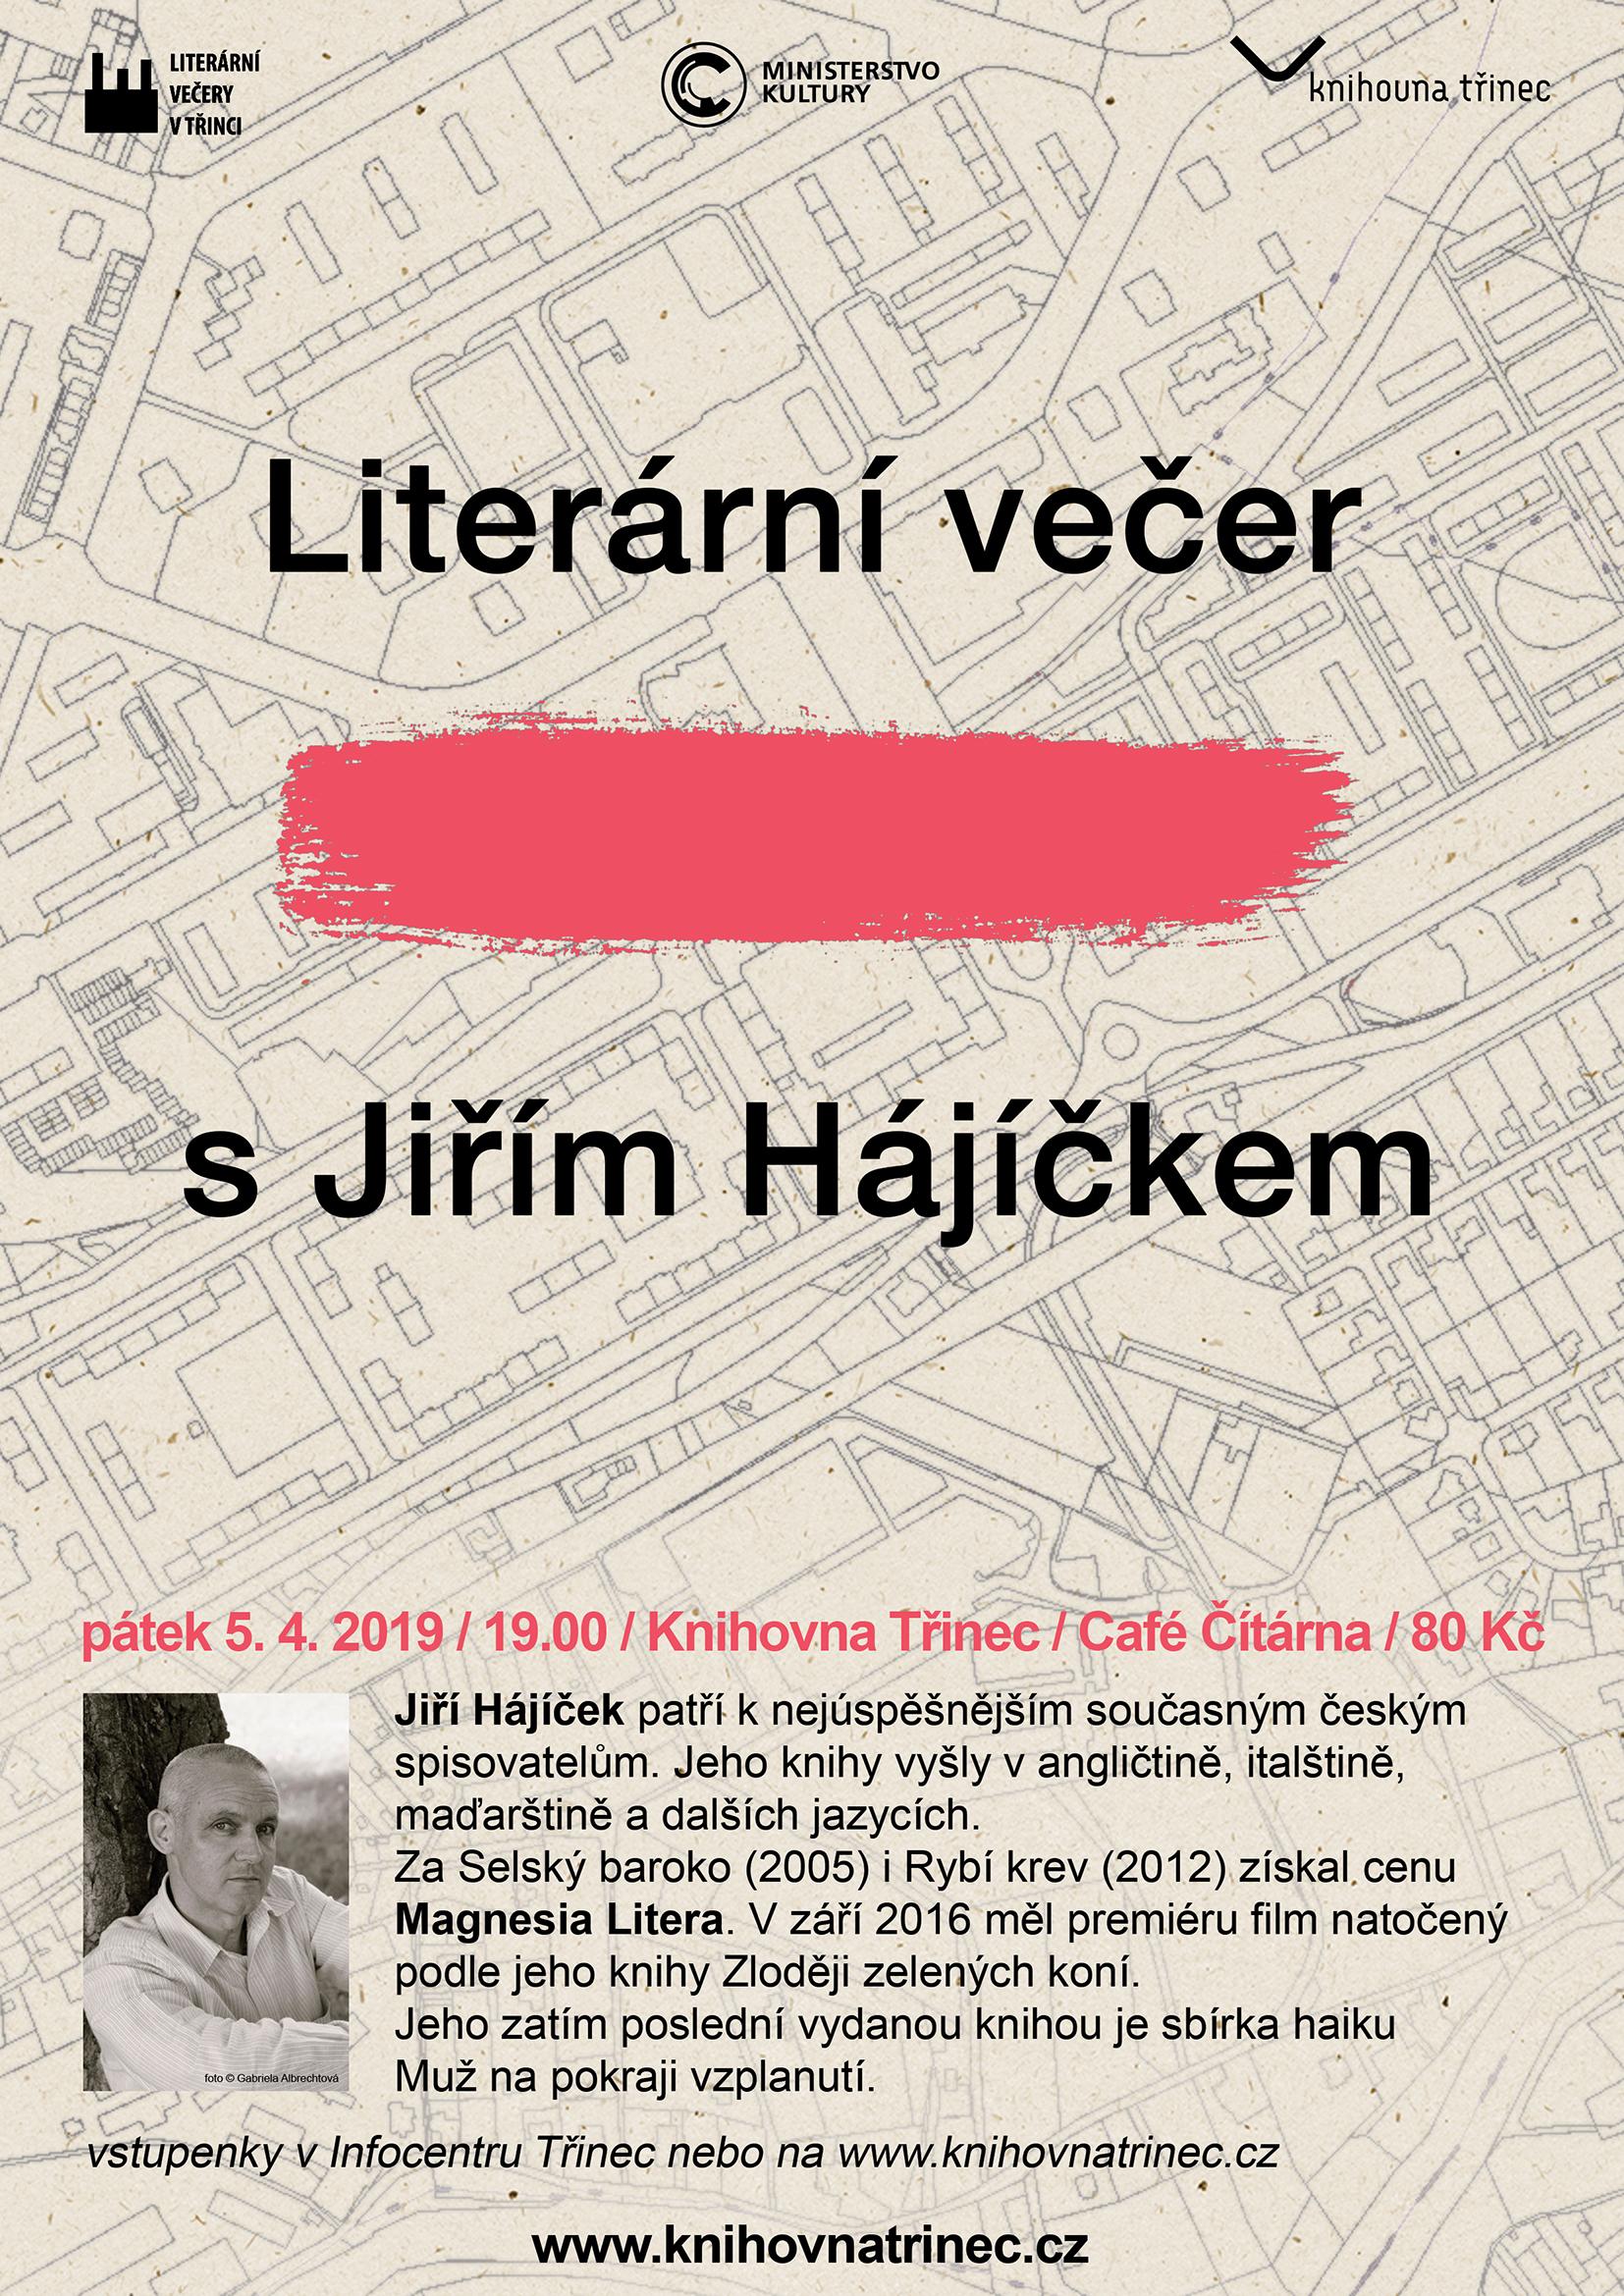 LVT s Jiřím Hájíčkem WEB